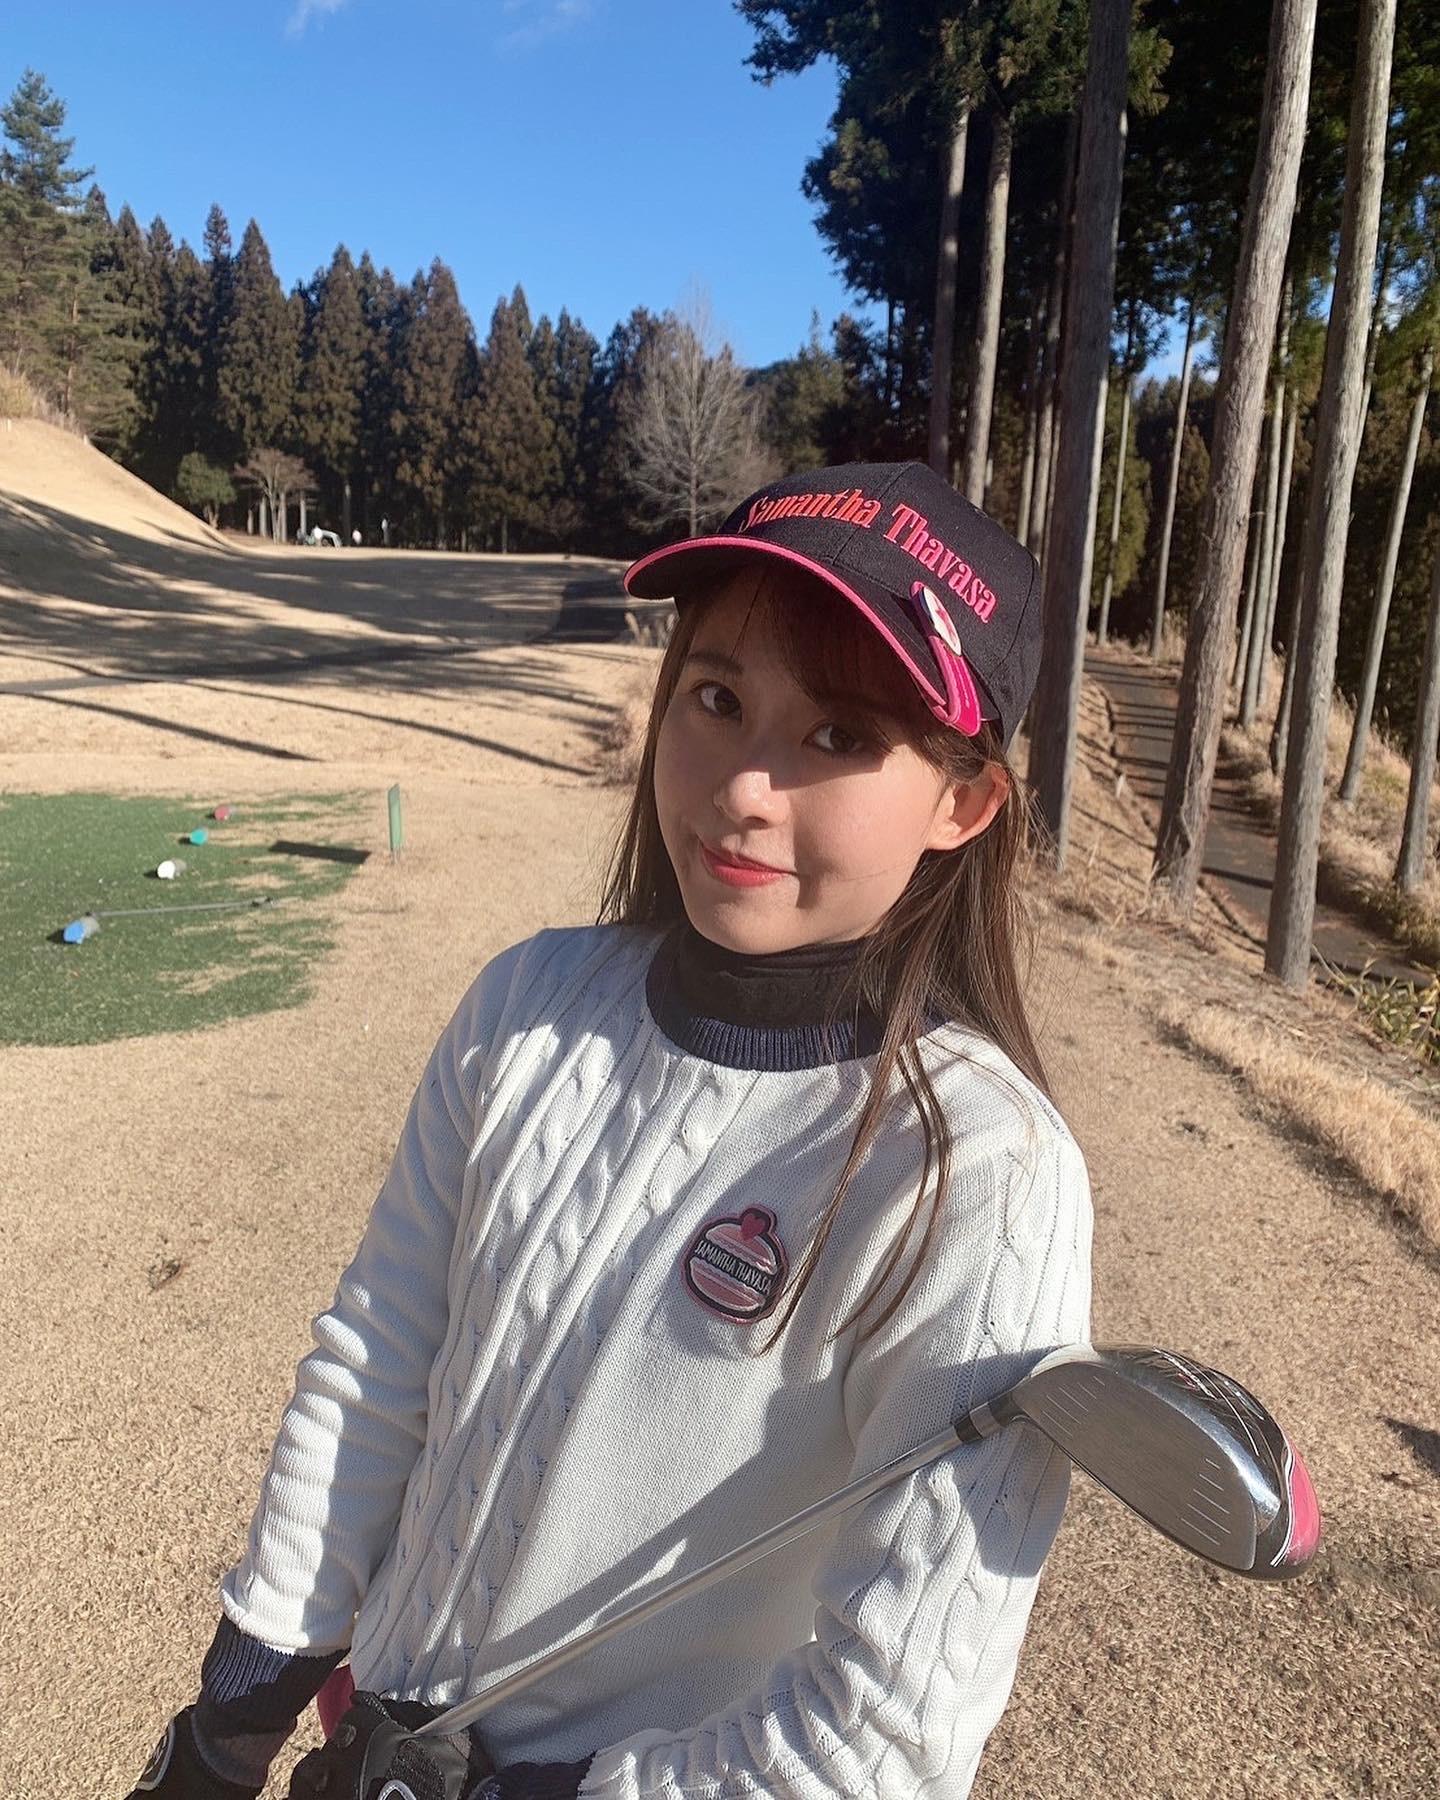 可愛いゴルフウェア紹介♡ソーシャルディスタンスで楽しめます_1_3